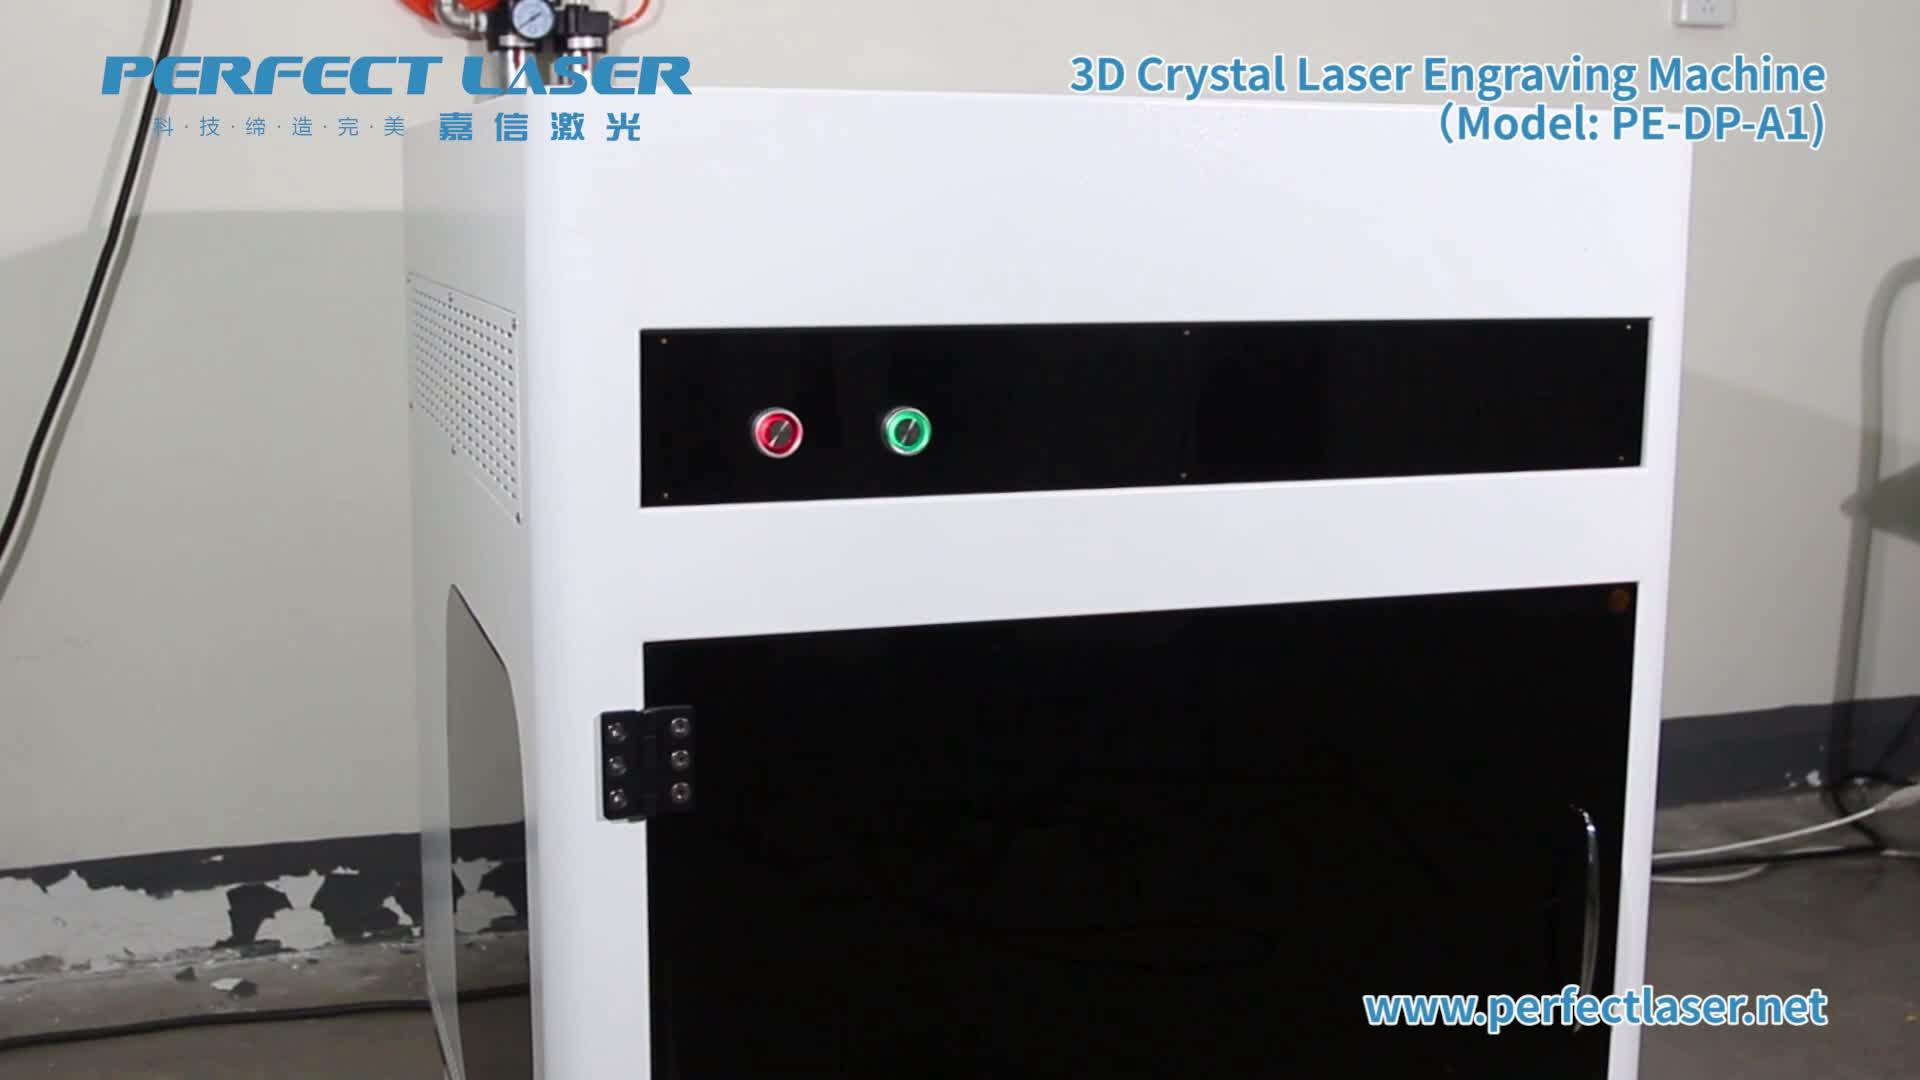 Perfect Laser Large format Subsurface laser Engraving Machine